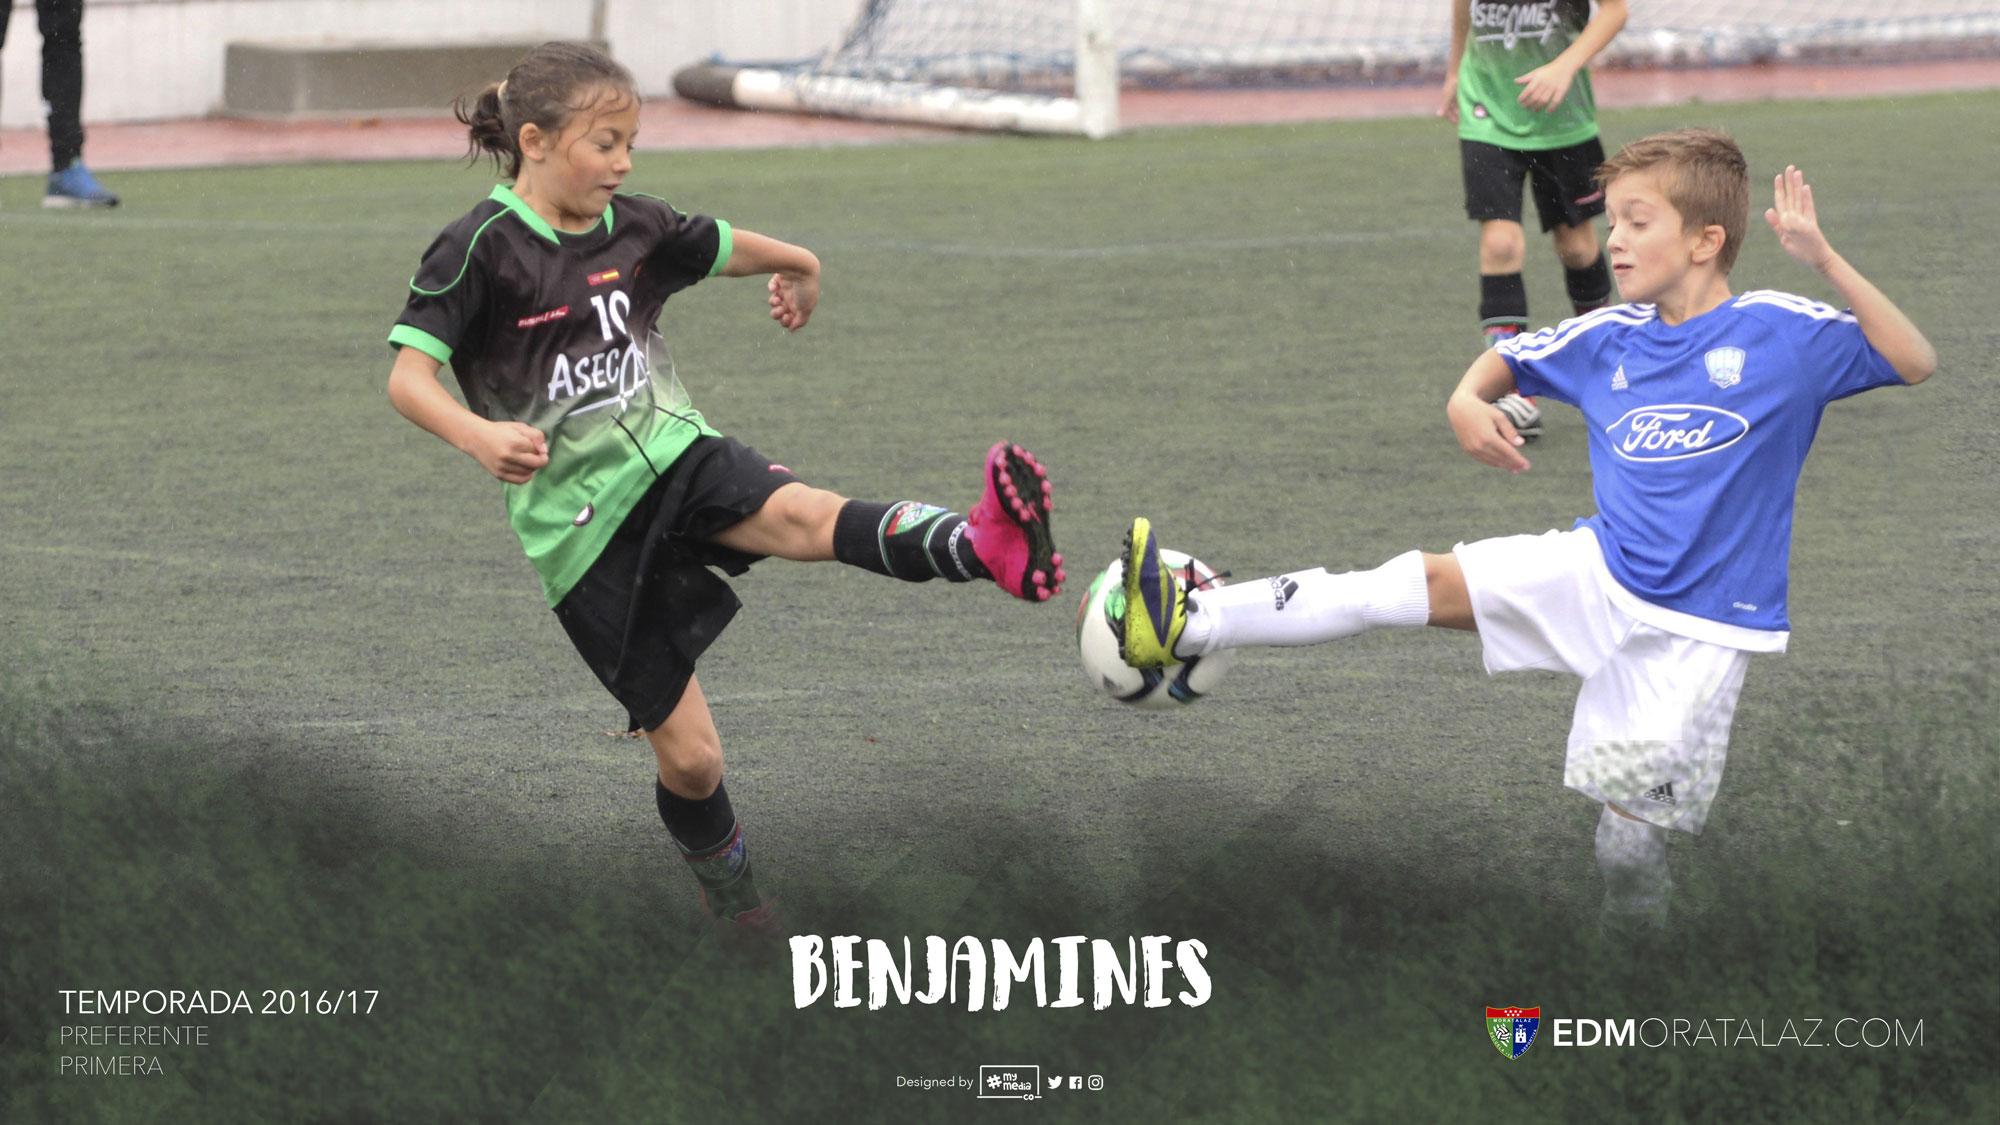 Benjamines: resumen de la Temporada 2016/17